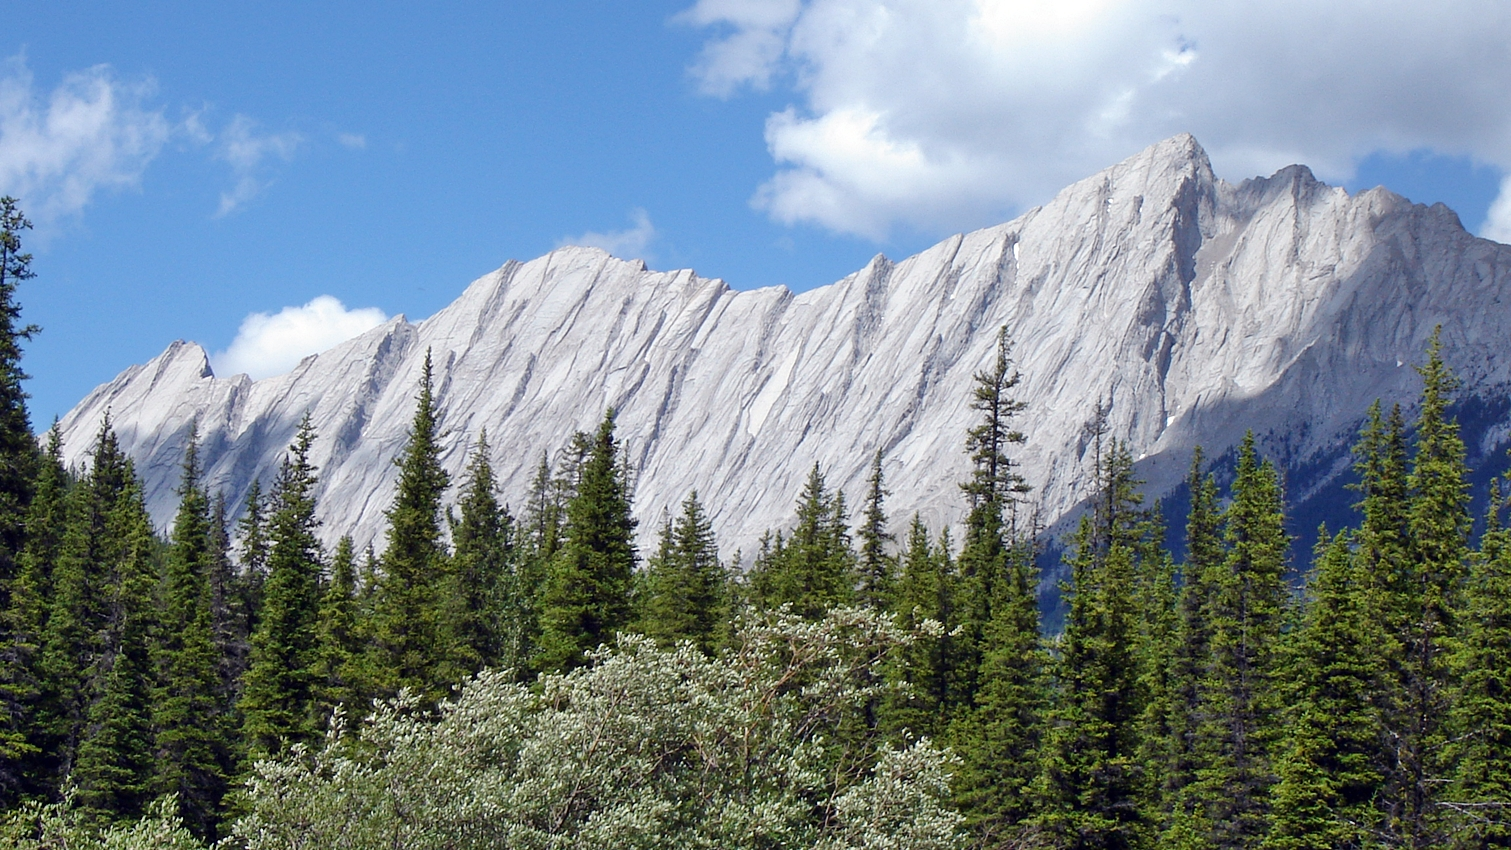 interessan geformte Bergflanken